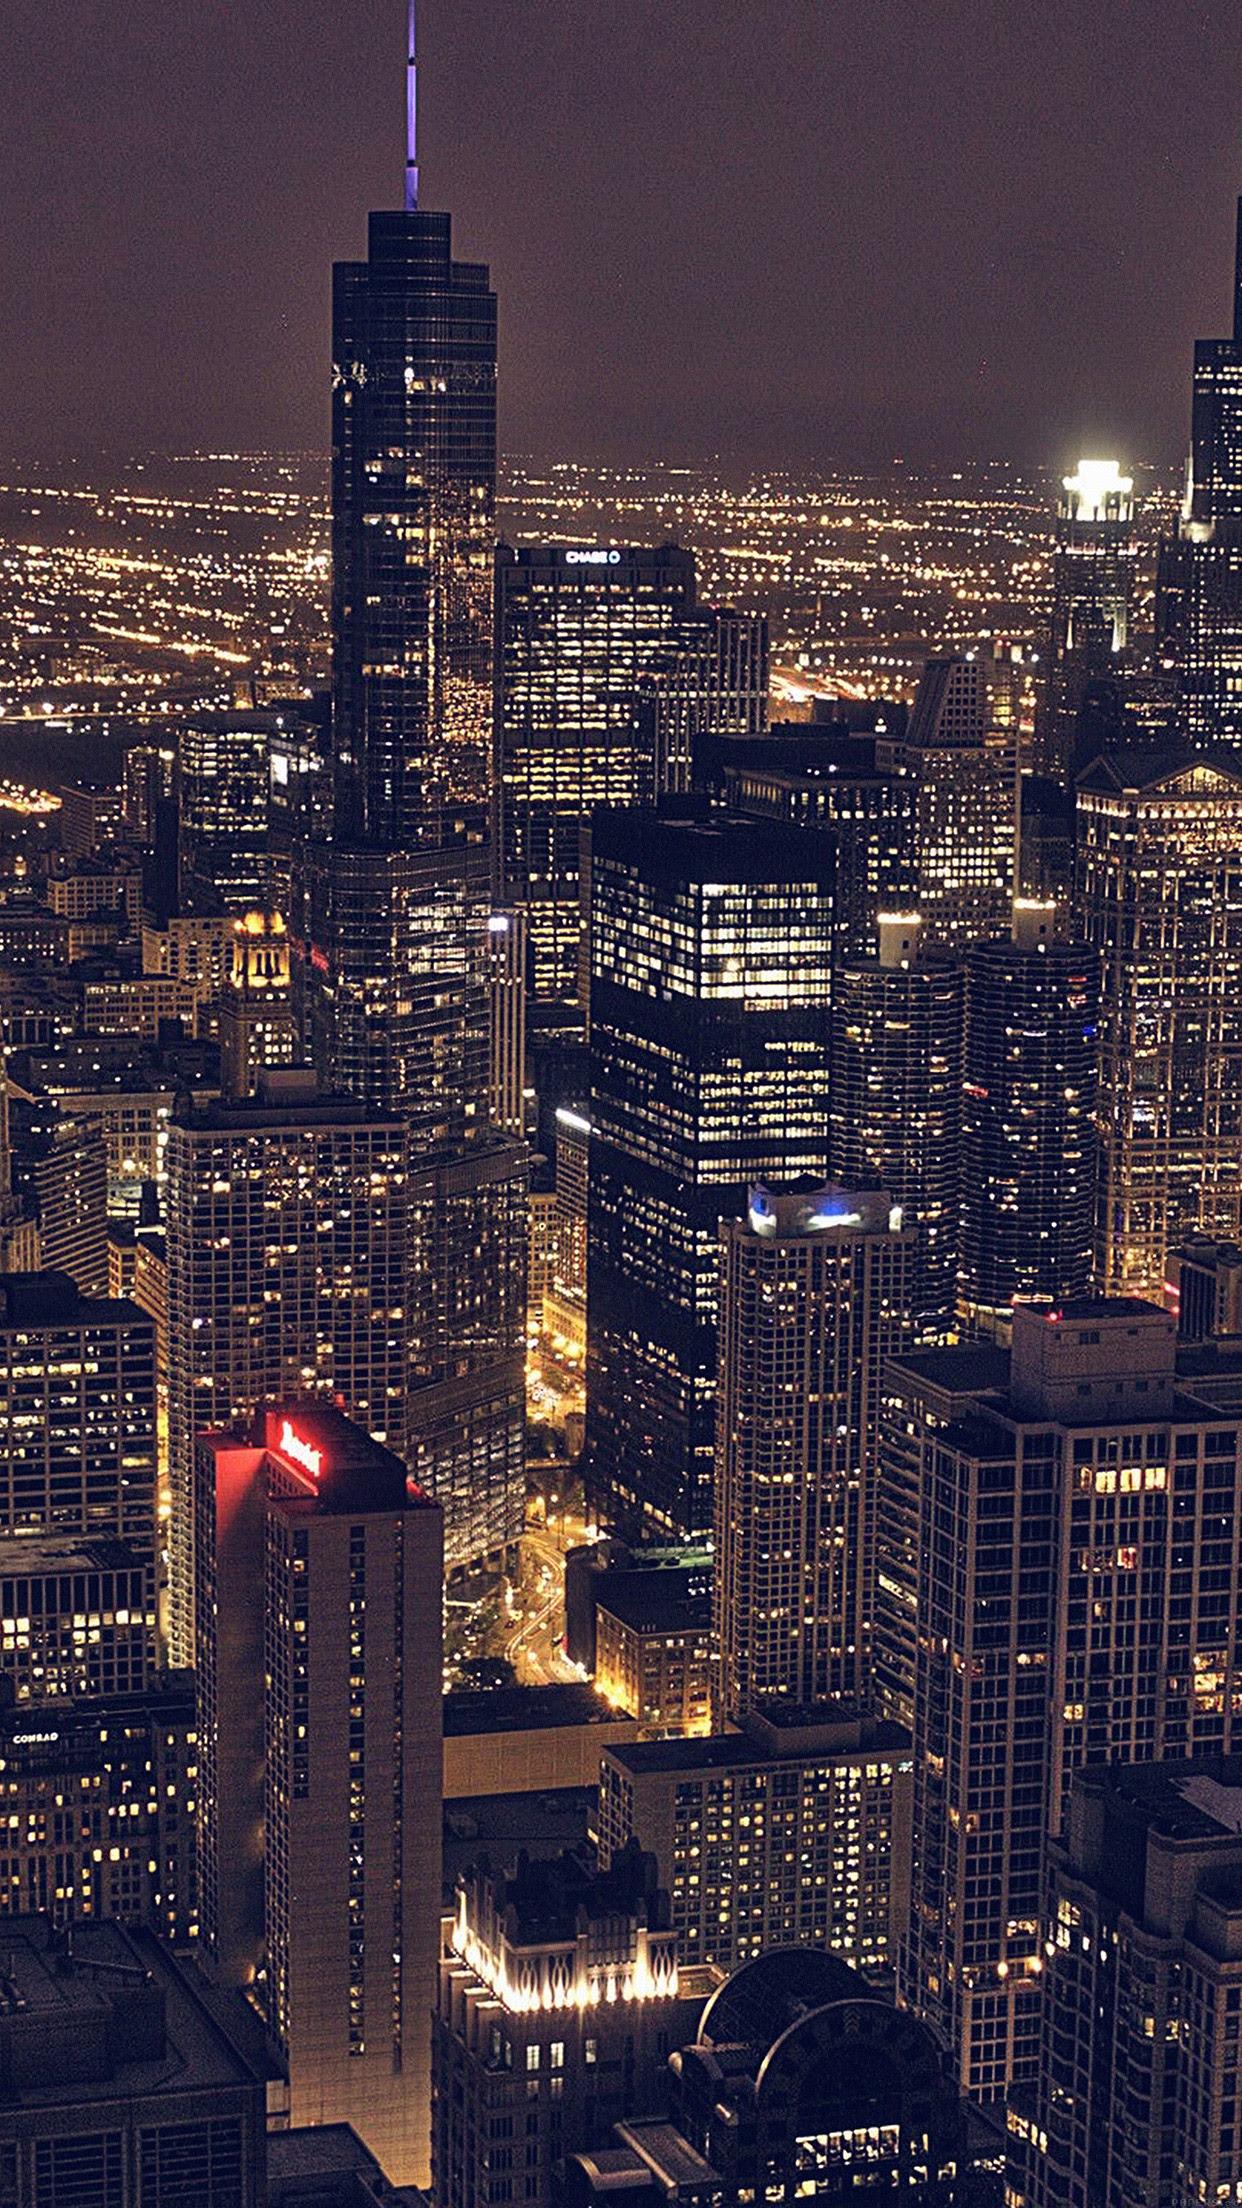 シカゴシティ航空夜景iphone 6 Plusアーキテクチャ壁紙 Iphoneチーズ